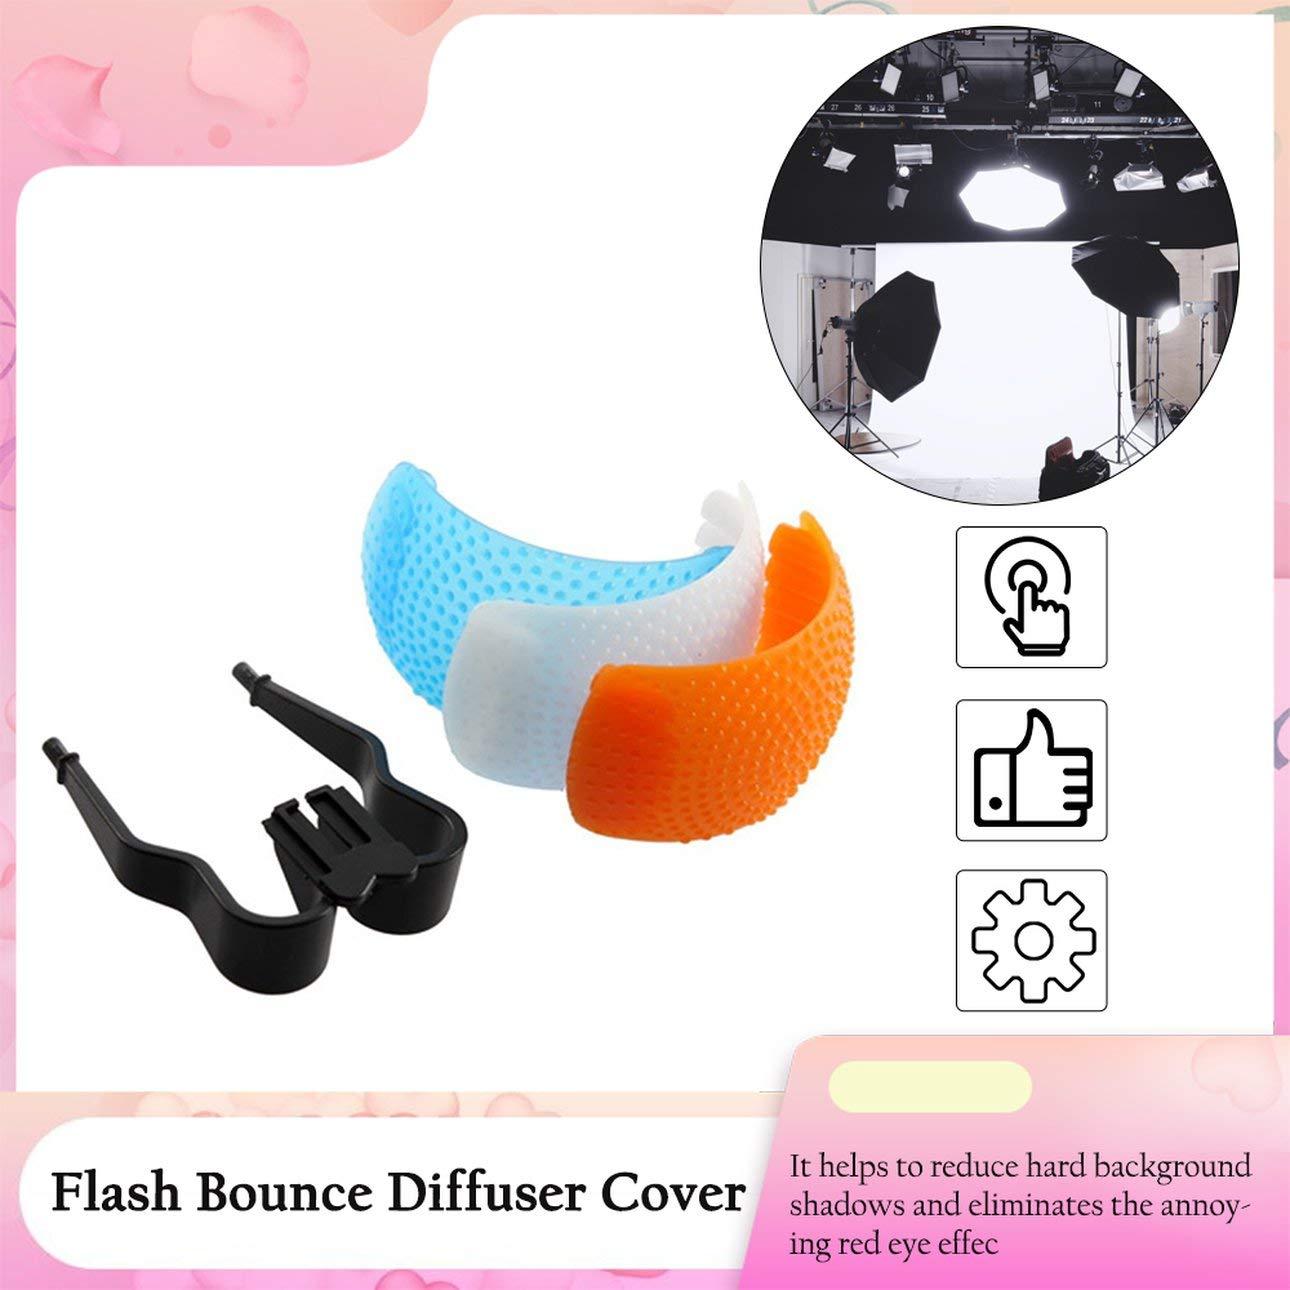 Pudincoco Pop-Up Flash Bounce Difusor Flash Kit de luz Suave con Soporte para Canon para Nikon para Pentax para c/ámara Kodak SLR Azul, Blanco y Naranja